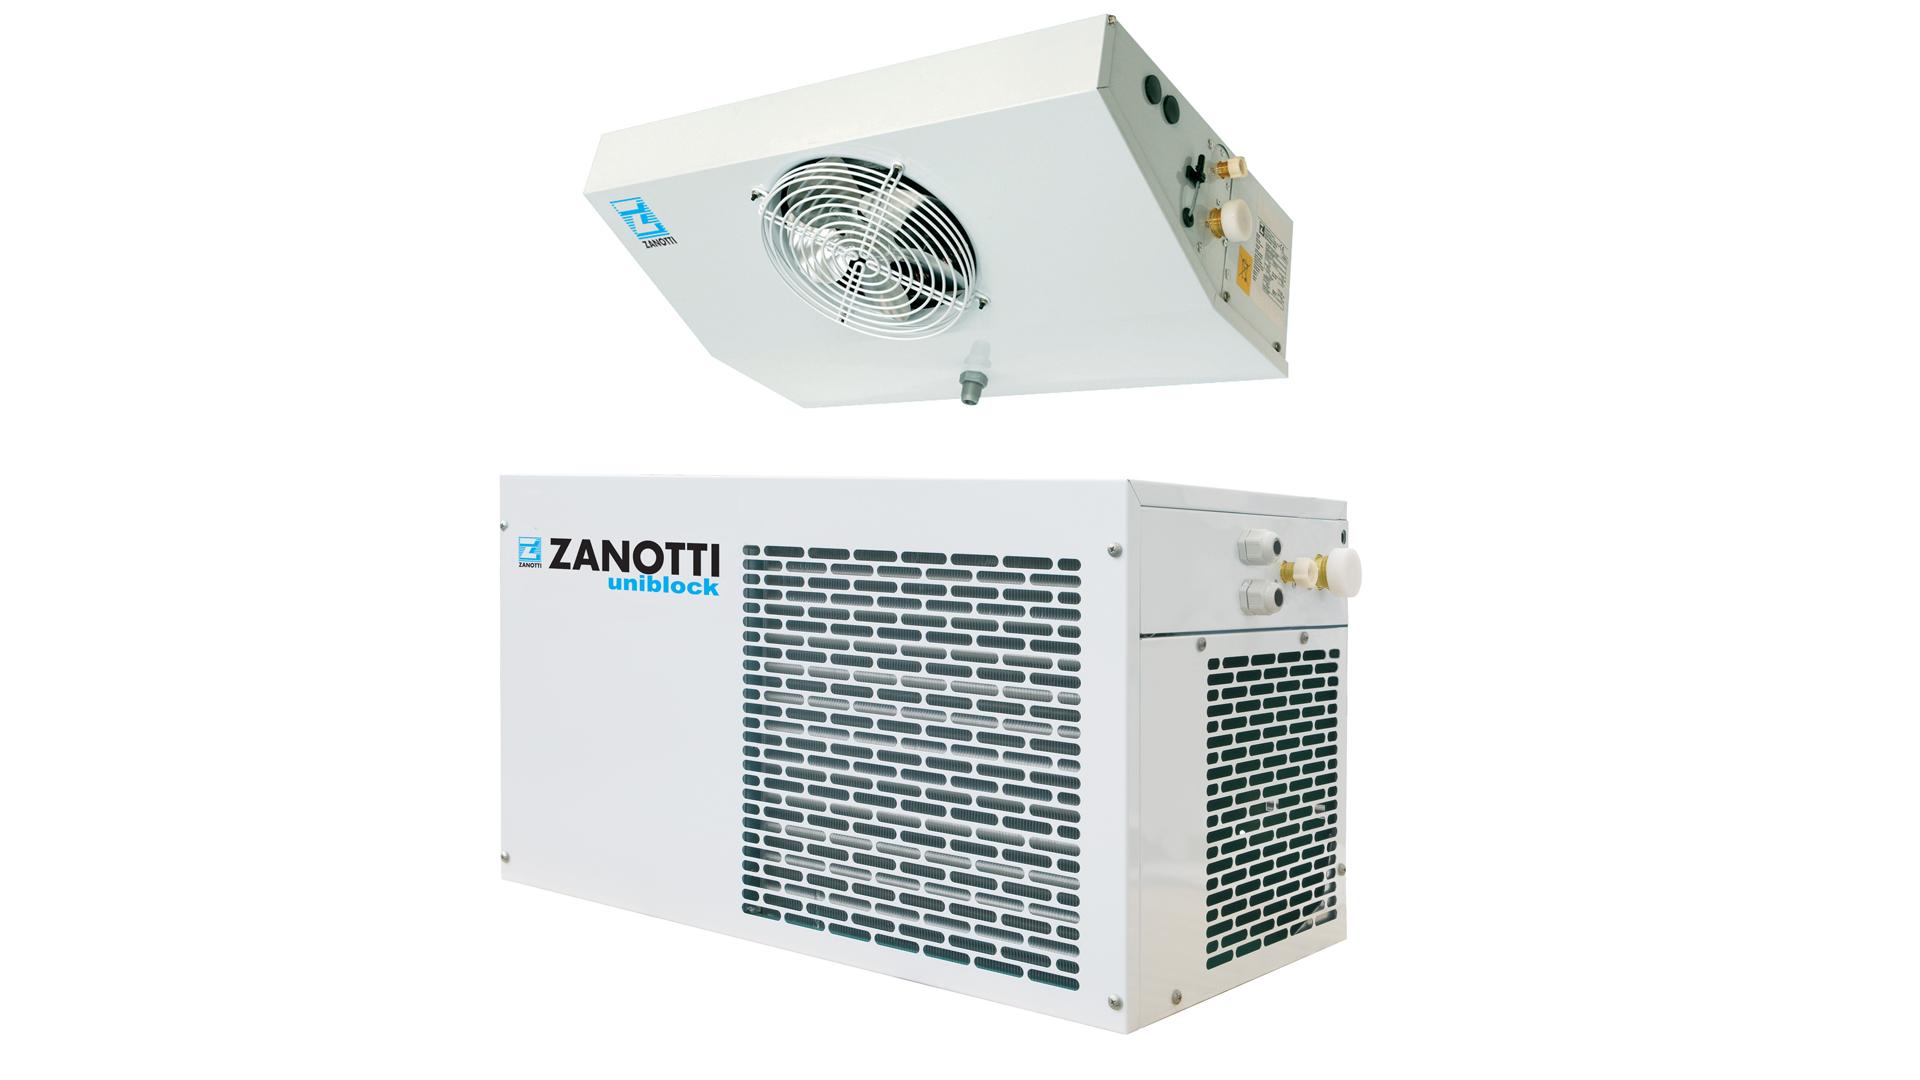 Gruppo refrigerante per cella frigo, modello Zanotti SP-O1